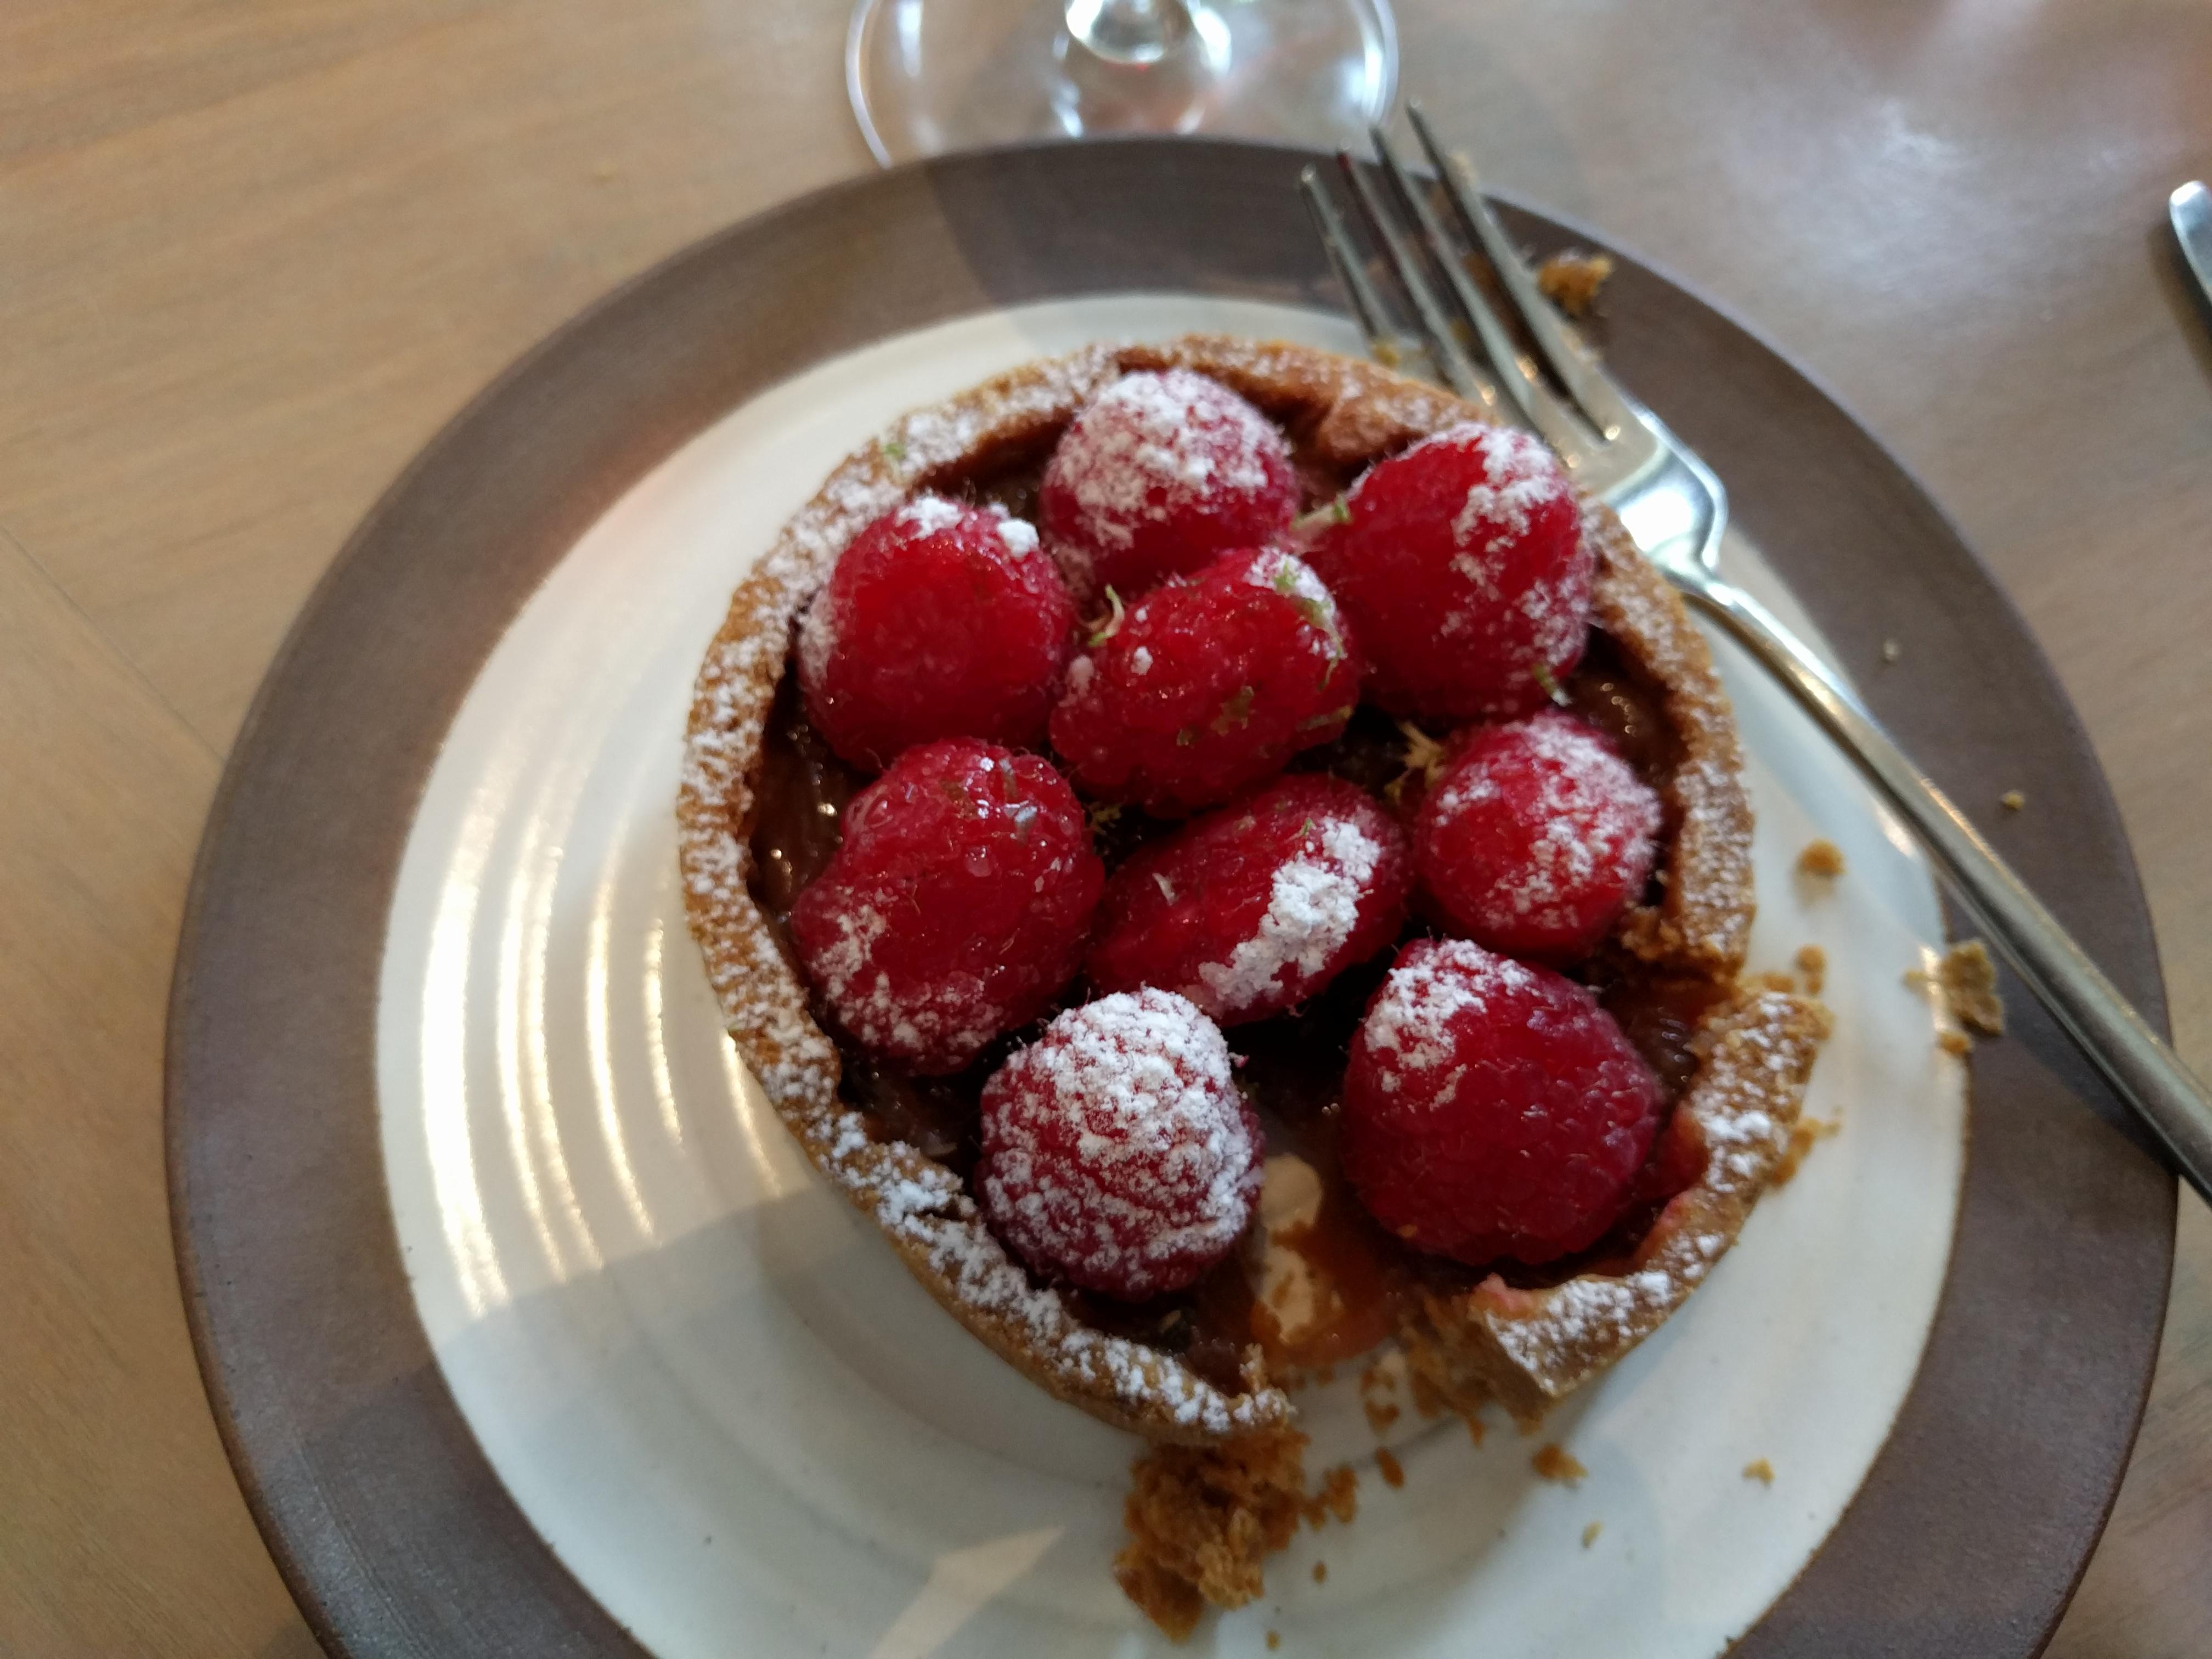 Bernie's raspberry tart